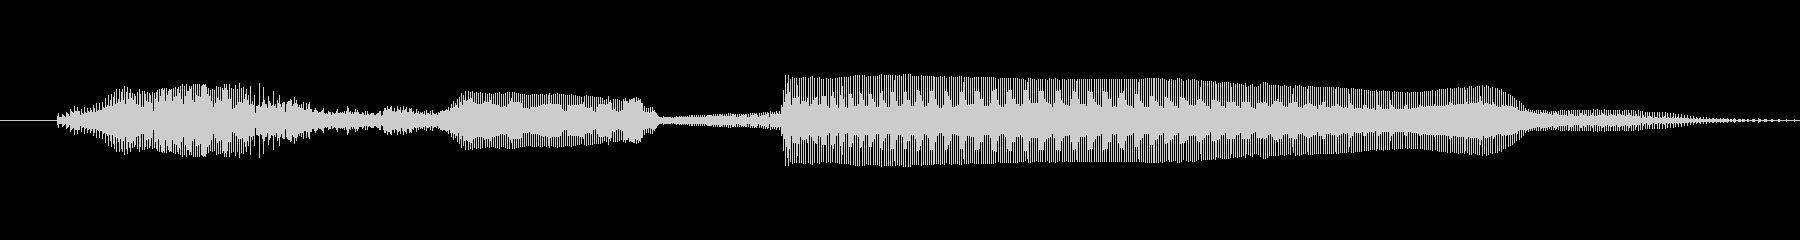 おしまーい(3才女の子)の未再生の波形